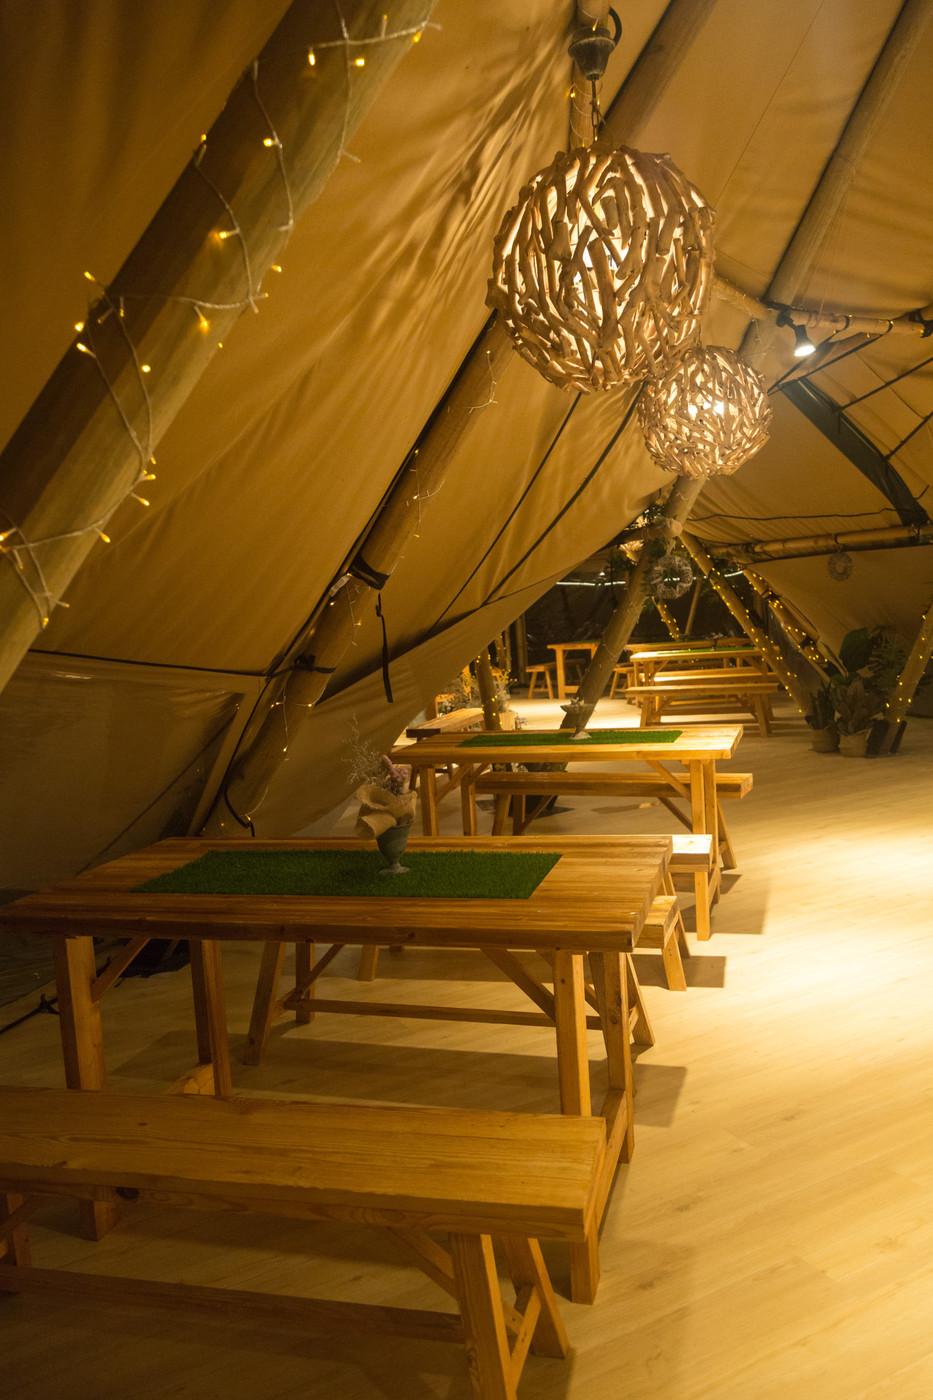 喜马拉雅印第安多功能大厅—淮安白马湖生态旅游度假区44